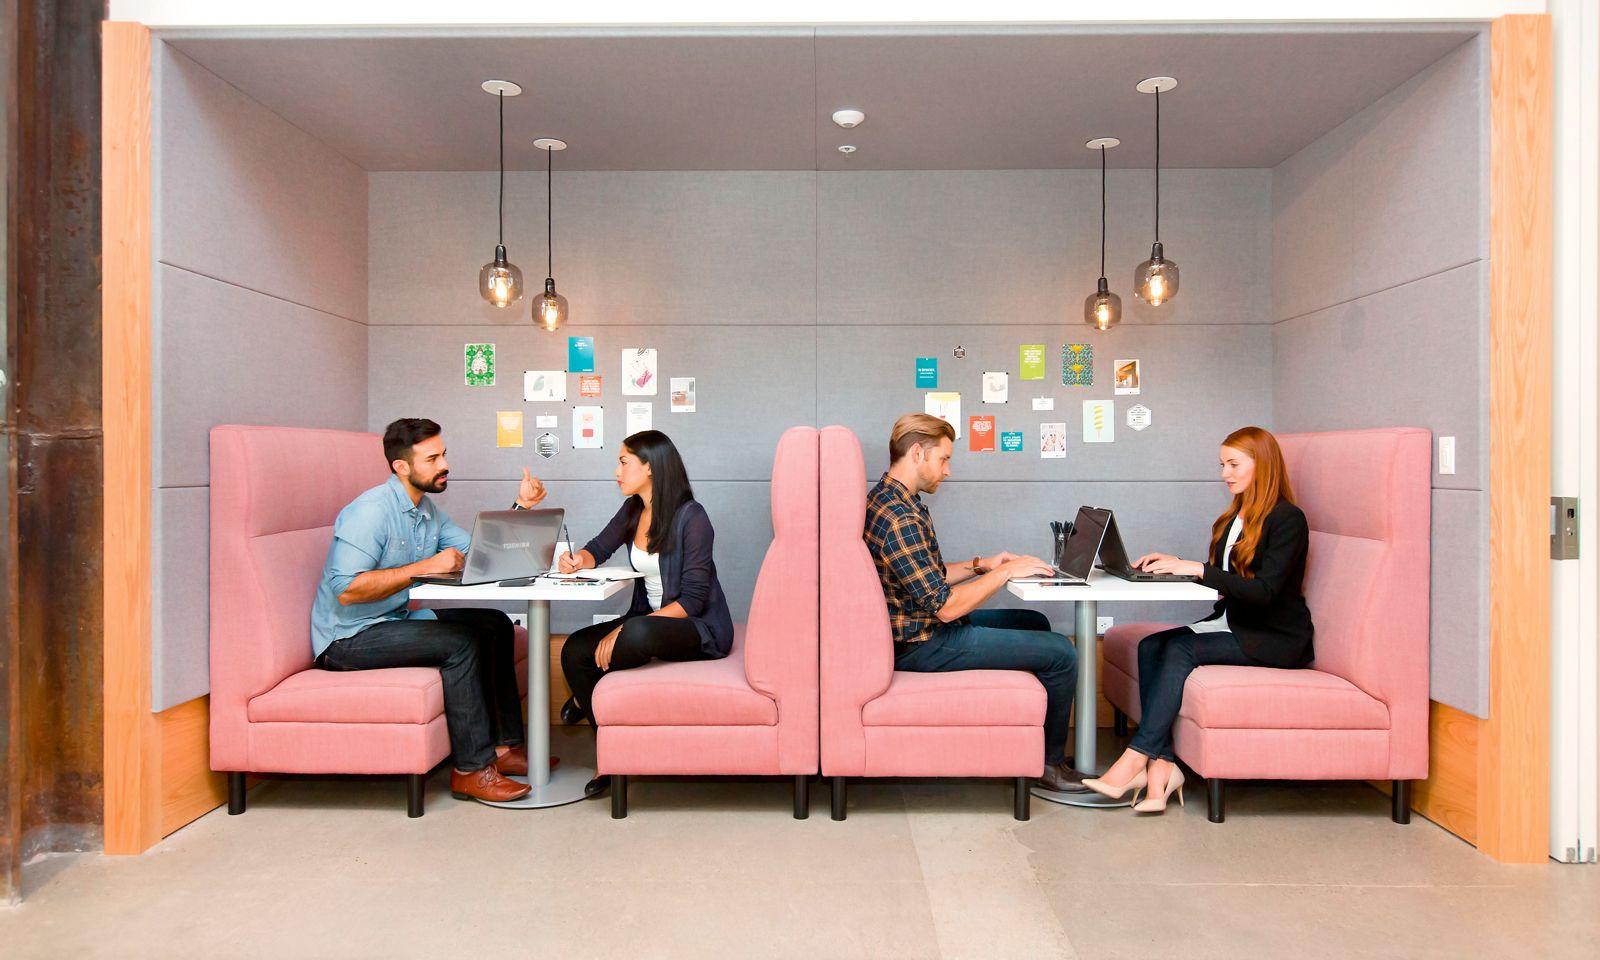 Dezente Geräuschdämmumg: Wände und Möbel aus strukturiertem Material finden sich in Büros immer häufiger.